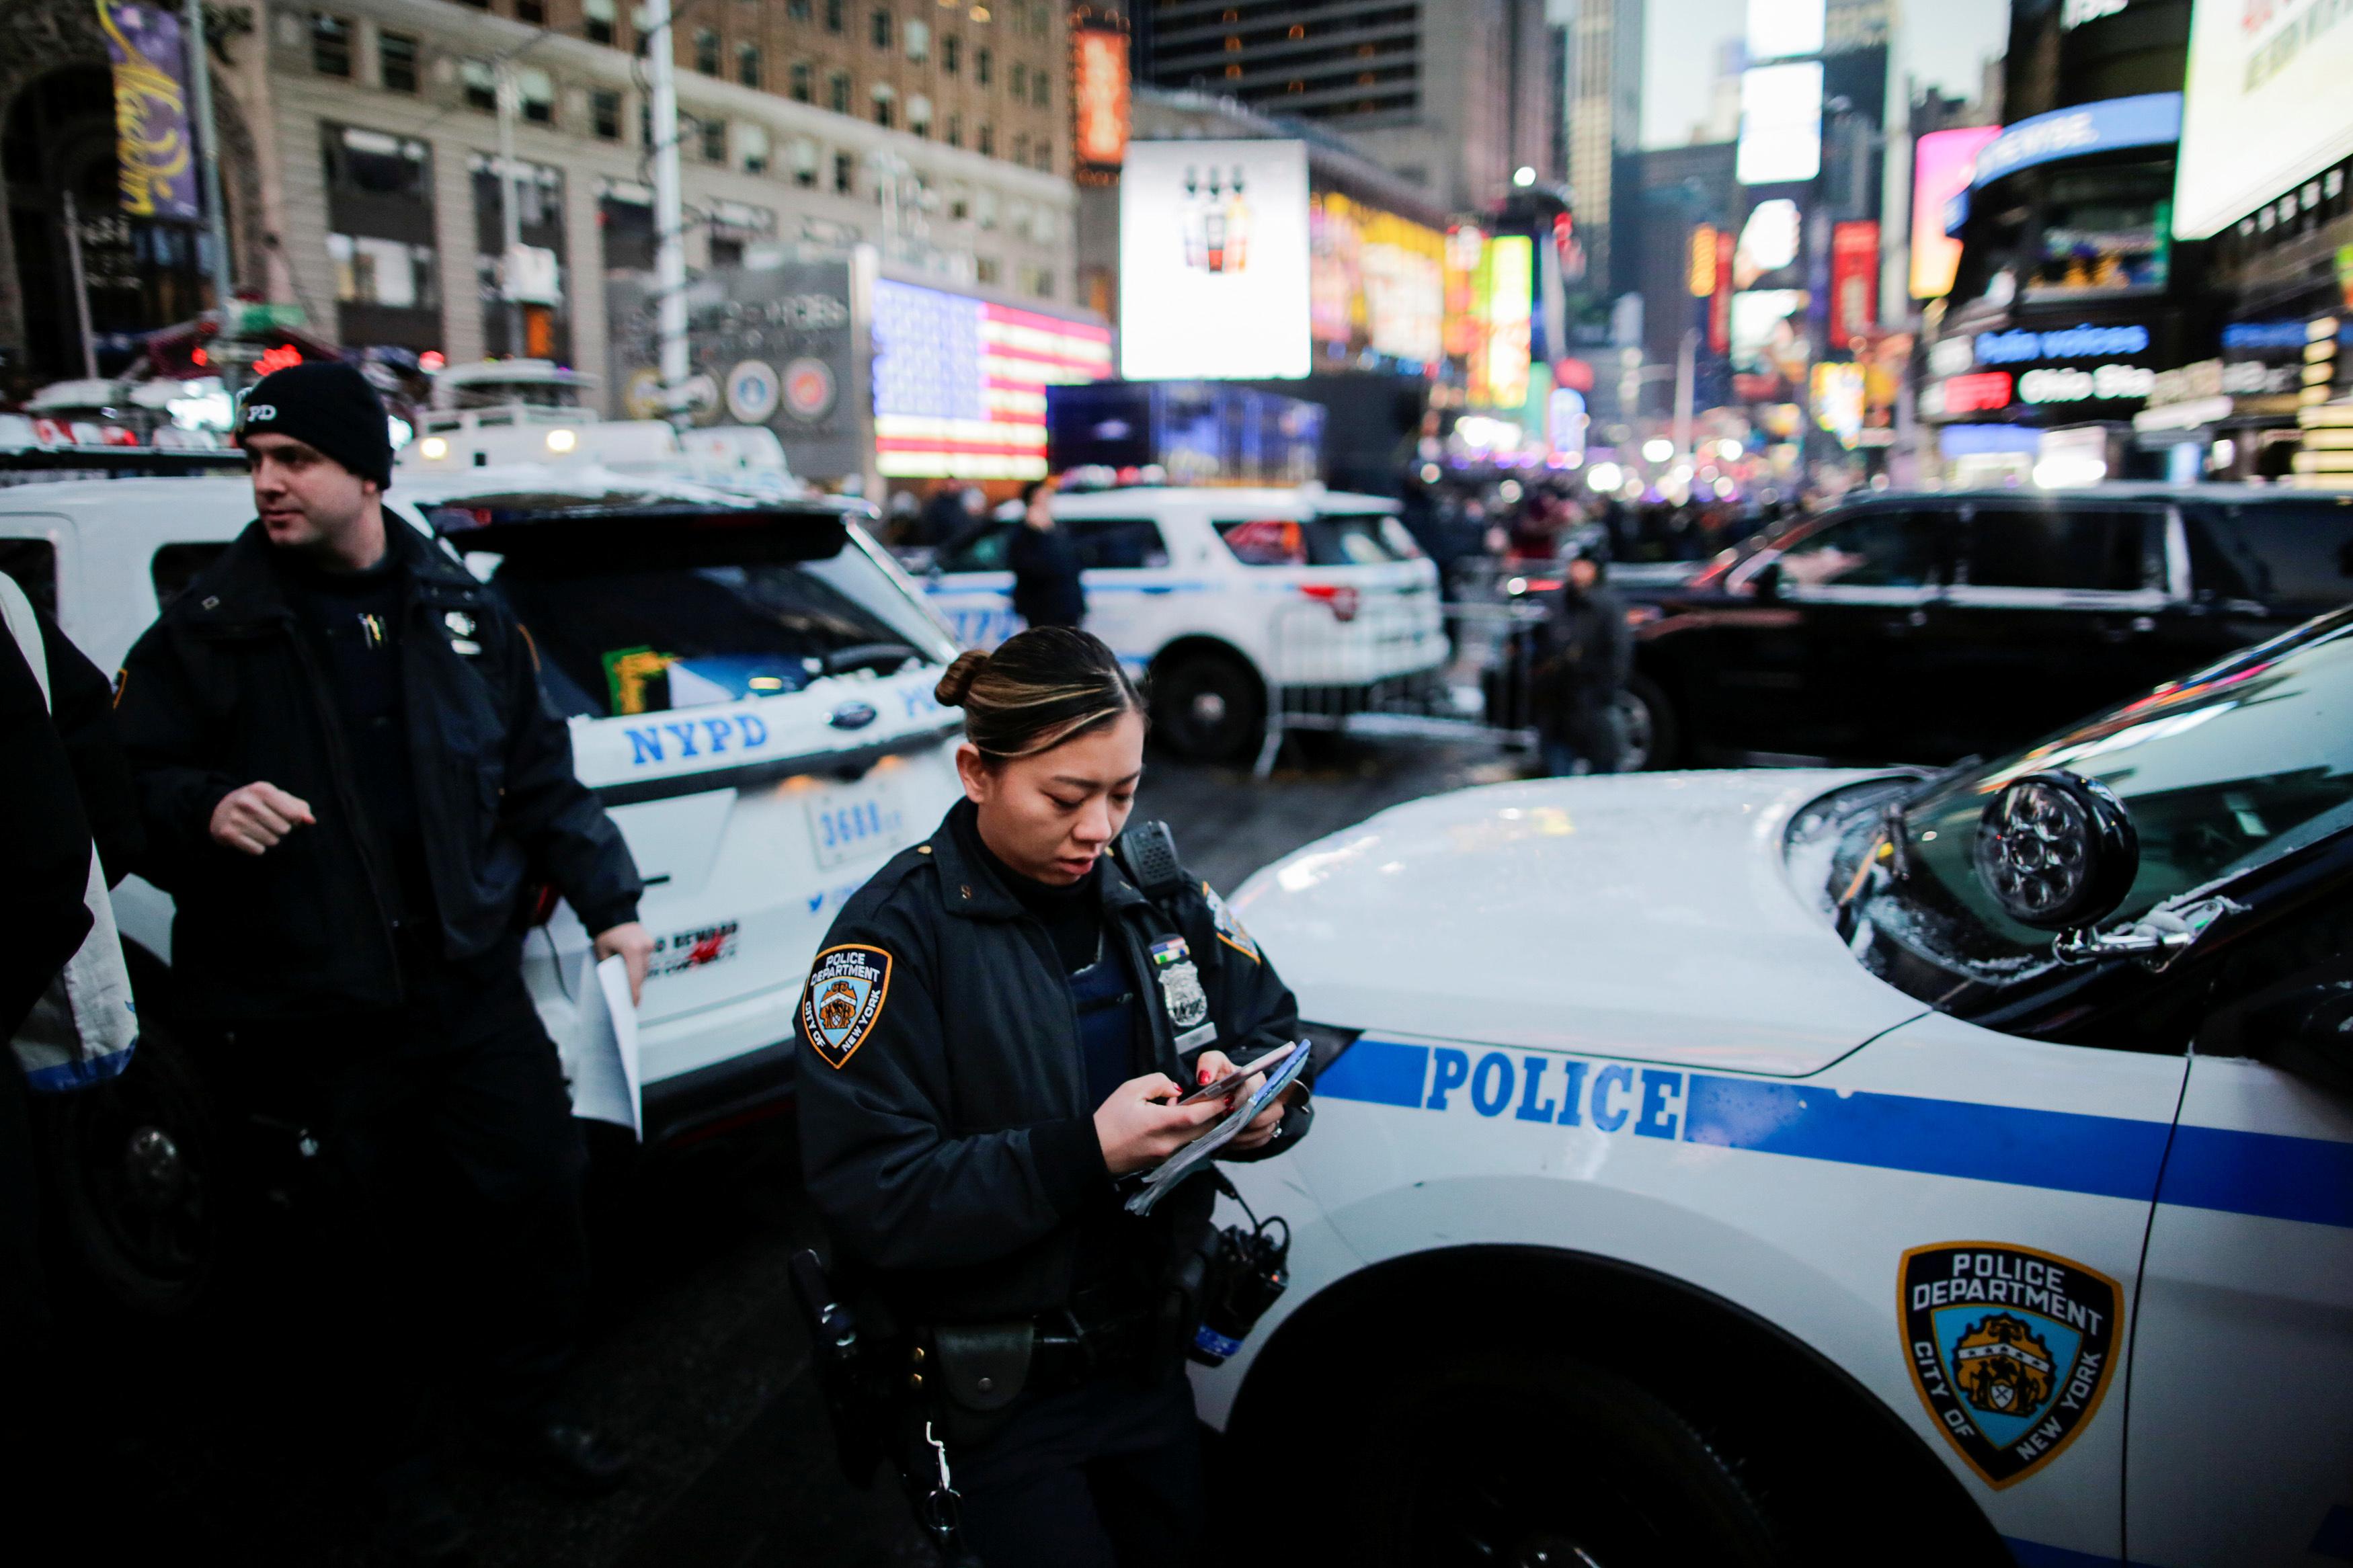 انتشار مكثف لسيارات الشرطة فى نيويورك